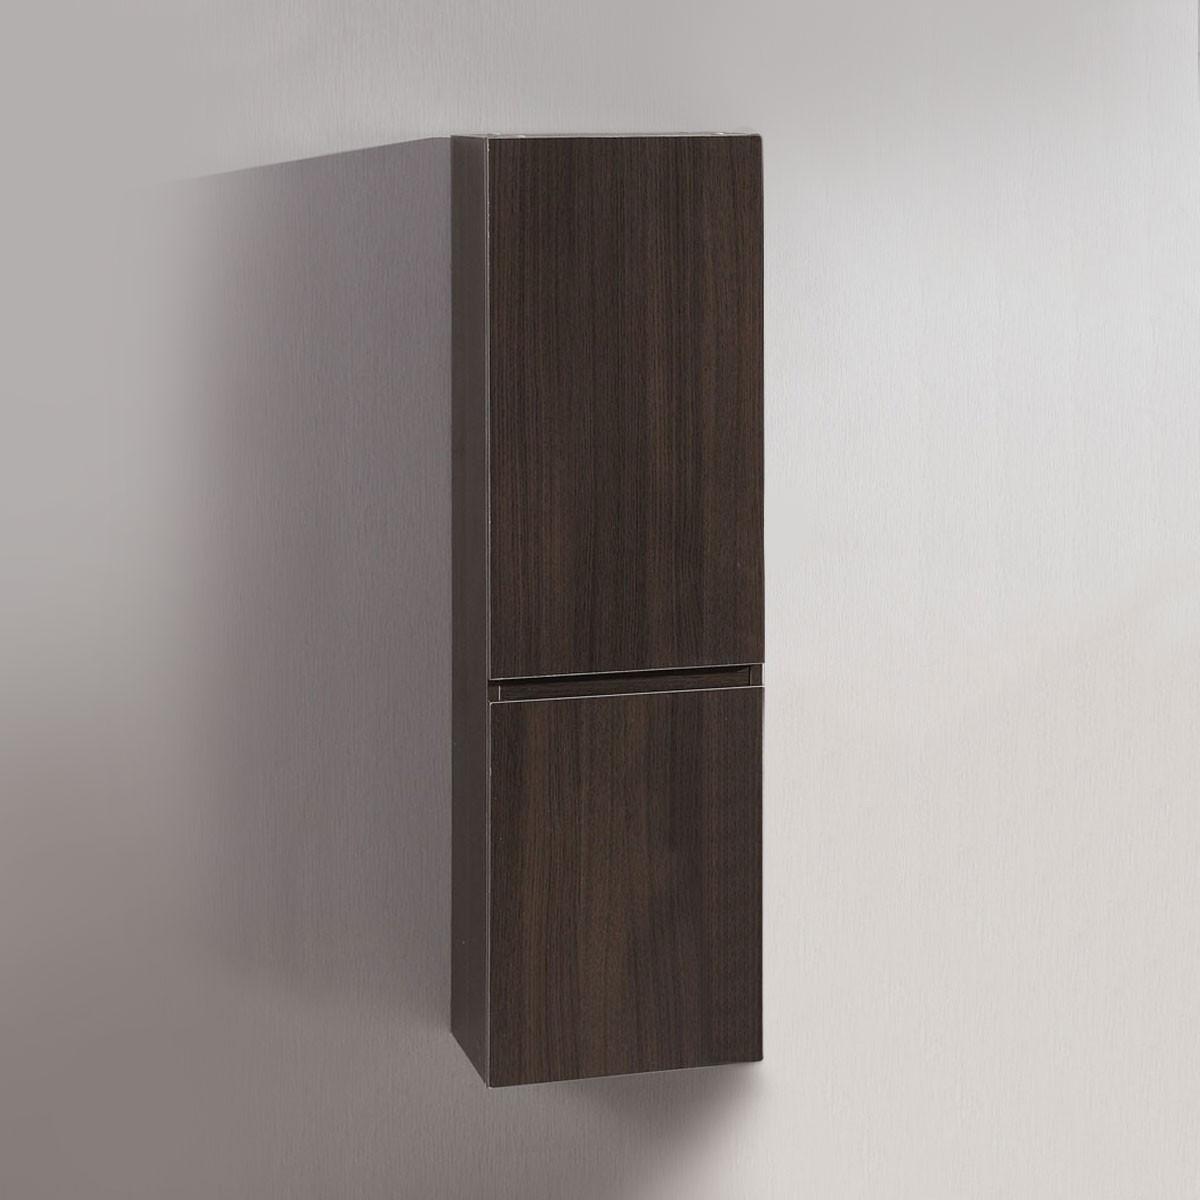 14 x 47 po Cabinet Latéral pour Meuble Salle de Bain Suspendu au Mur (DK-T5165B-S)